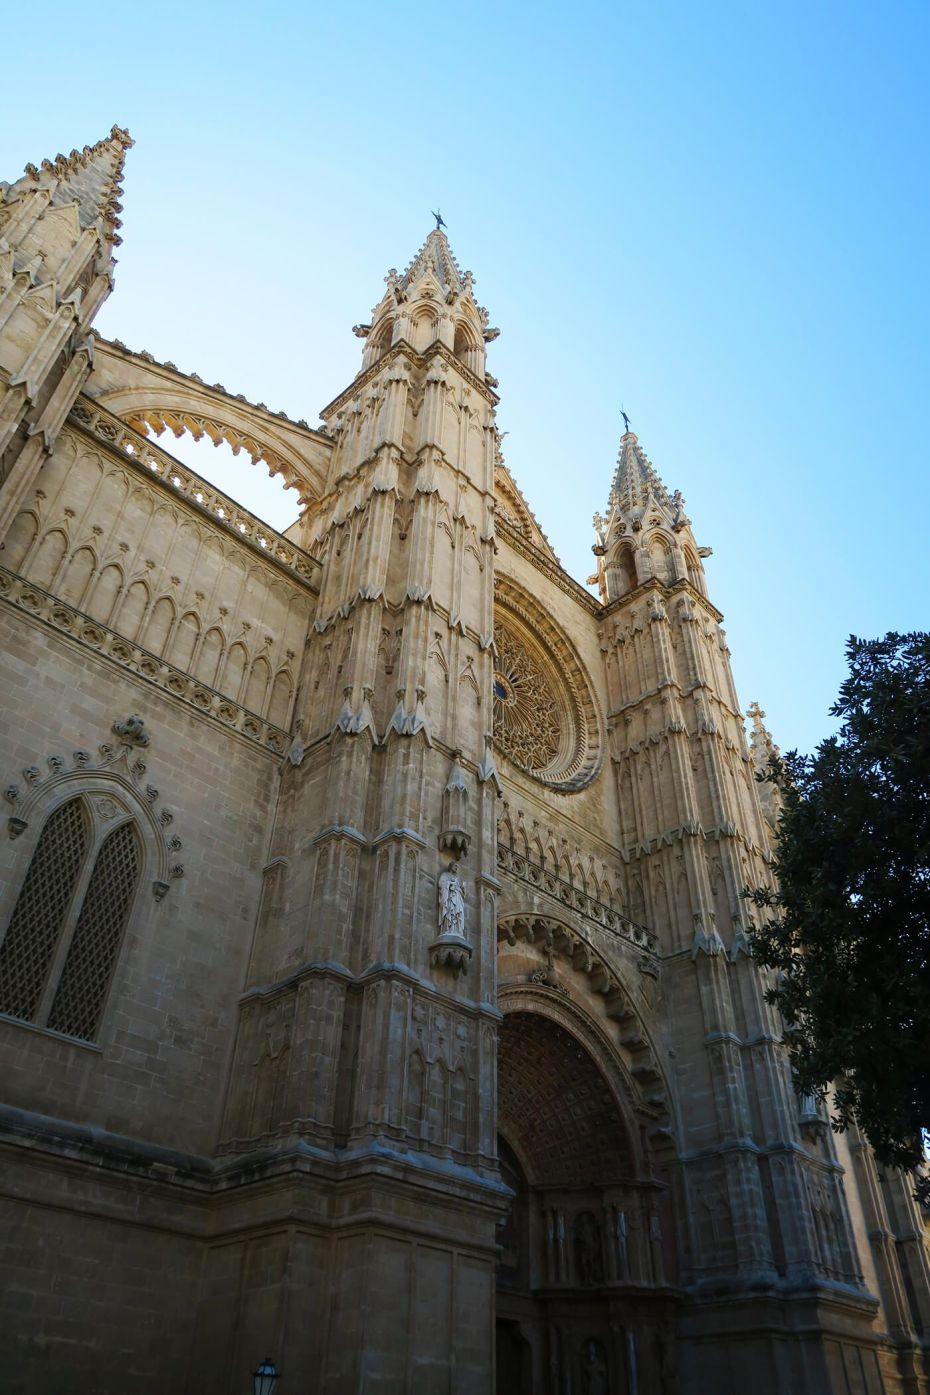 Entrada de la Catedral de Santa María de Palma de Mallorca, España